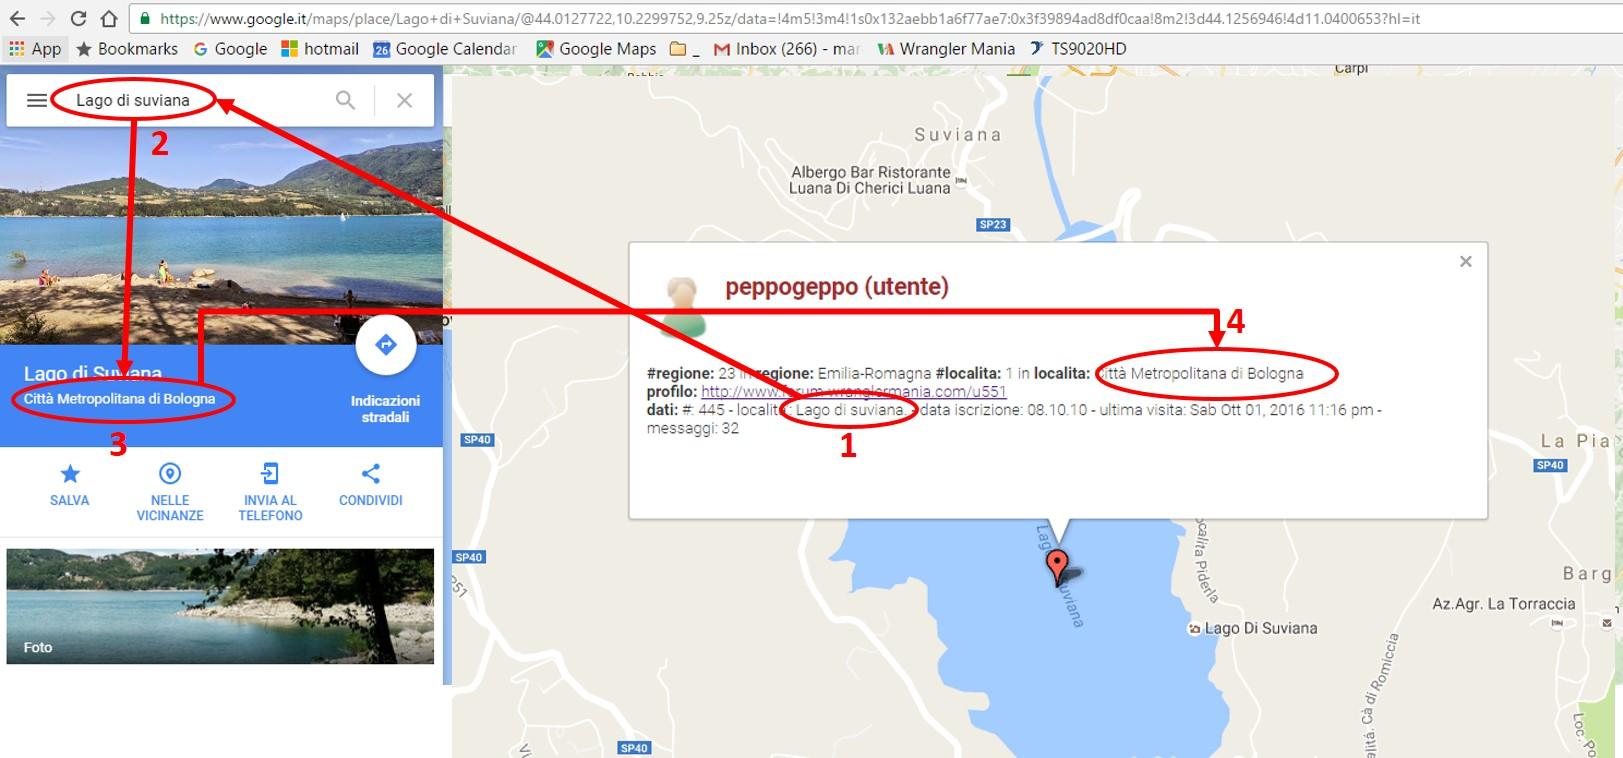 PROFILO e riga Località per consentire visualiz. su mappa utenti Comema10